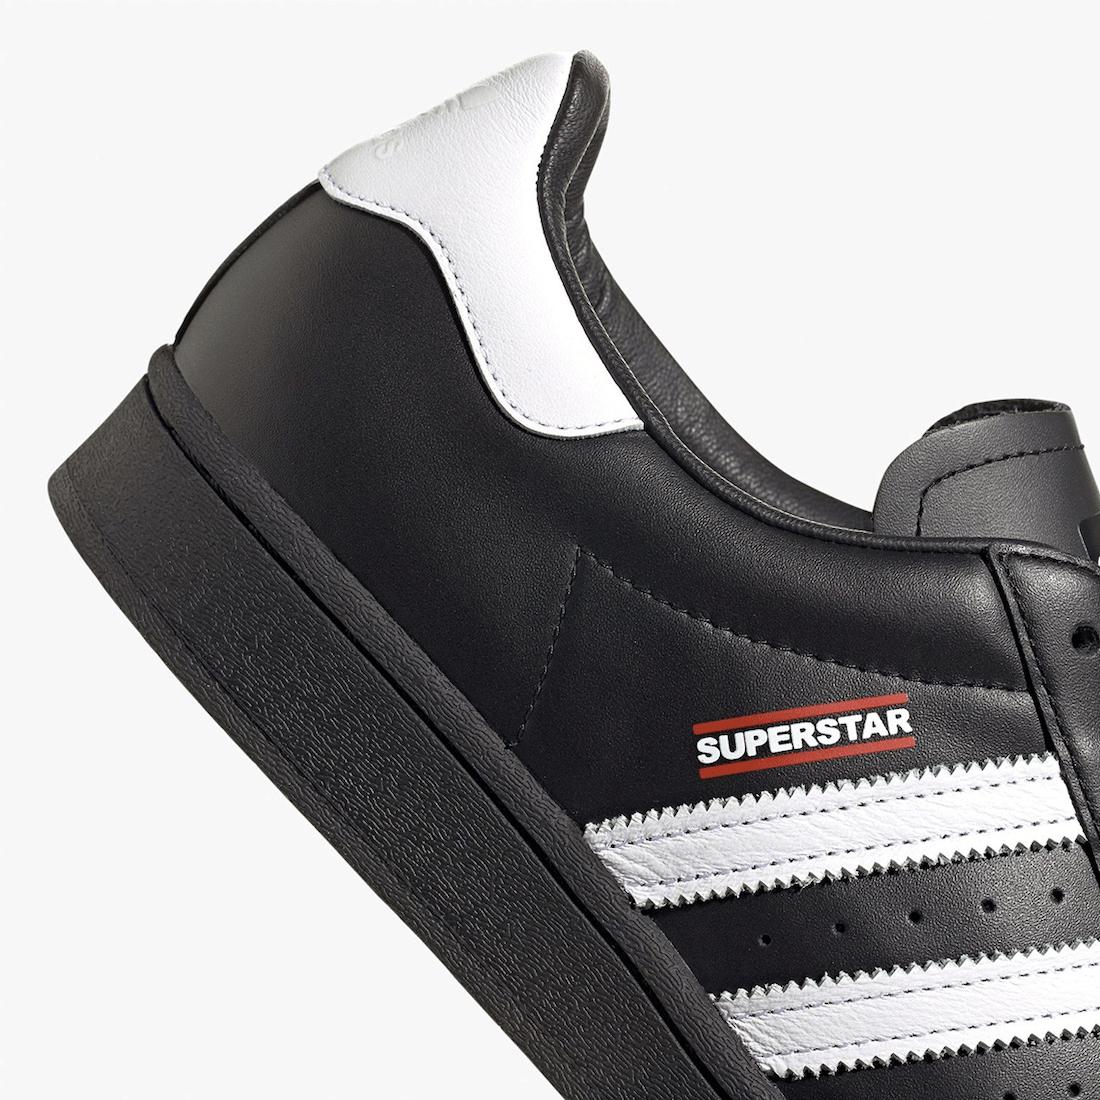 Run-DMC-adidas-Superstar-Jam-Master-Jay-FX7617-Release-Date-4